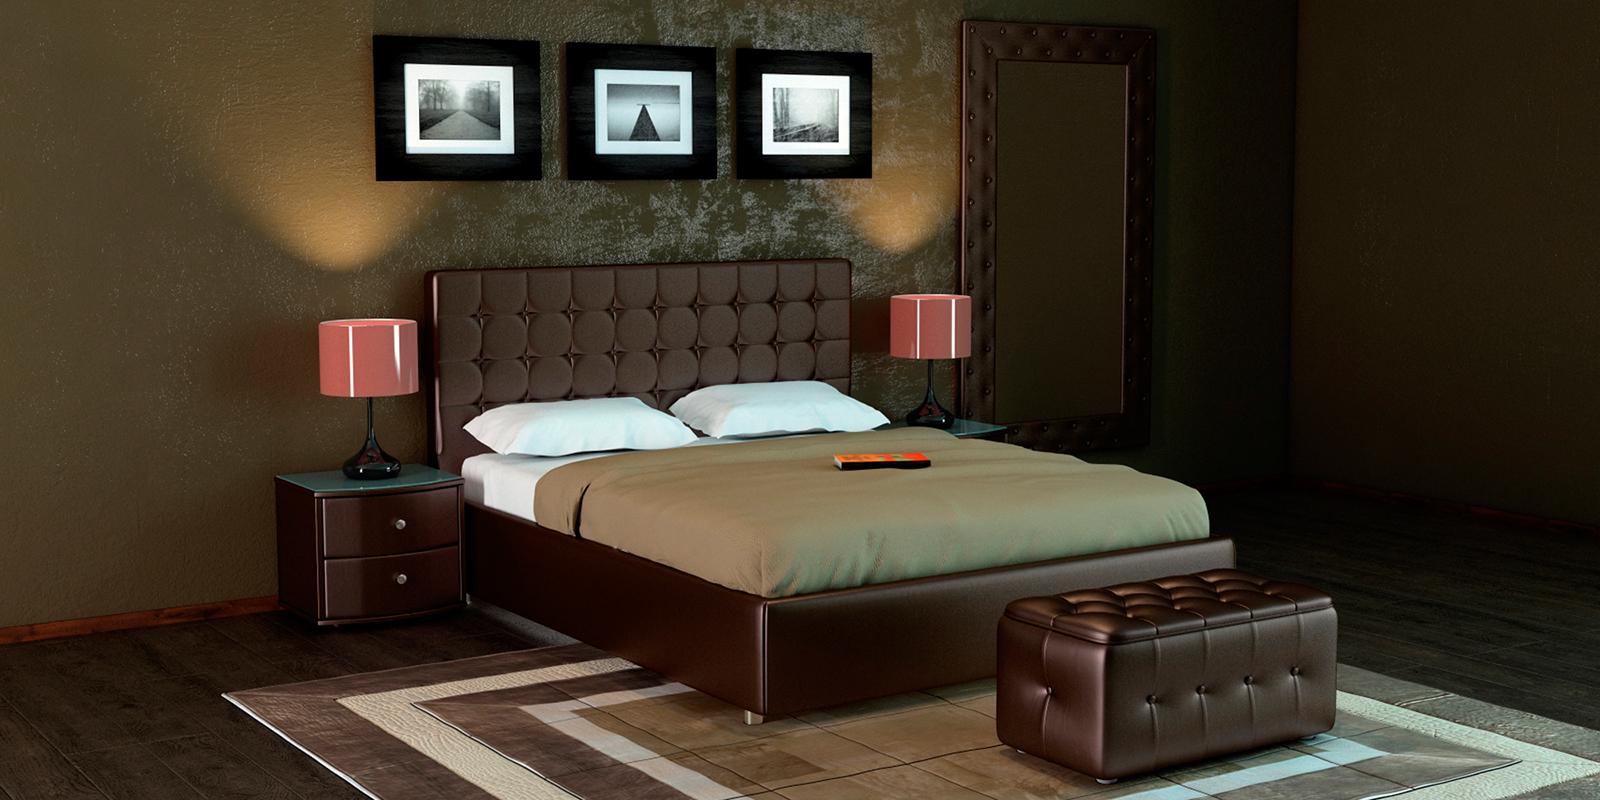 Купить Мягкая кровать 200х160 Малибу вариант №3 с ортопедическим основанием (Шоколад), HomeMe